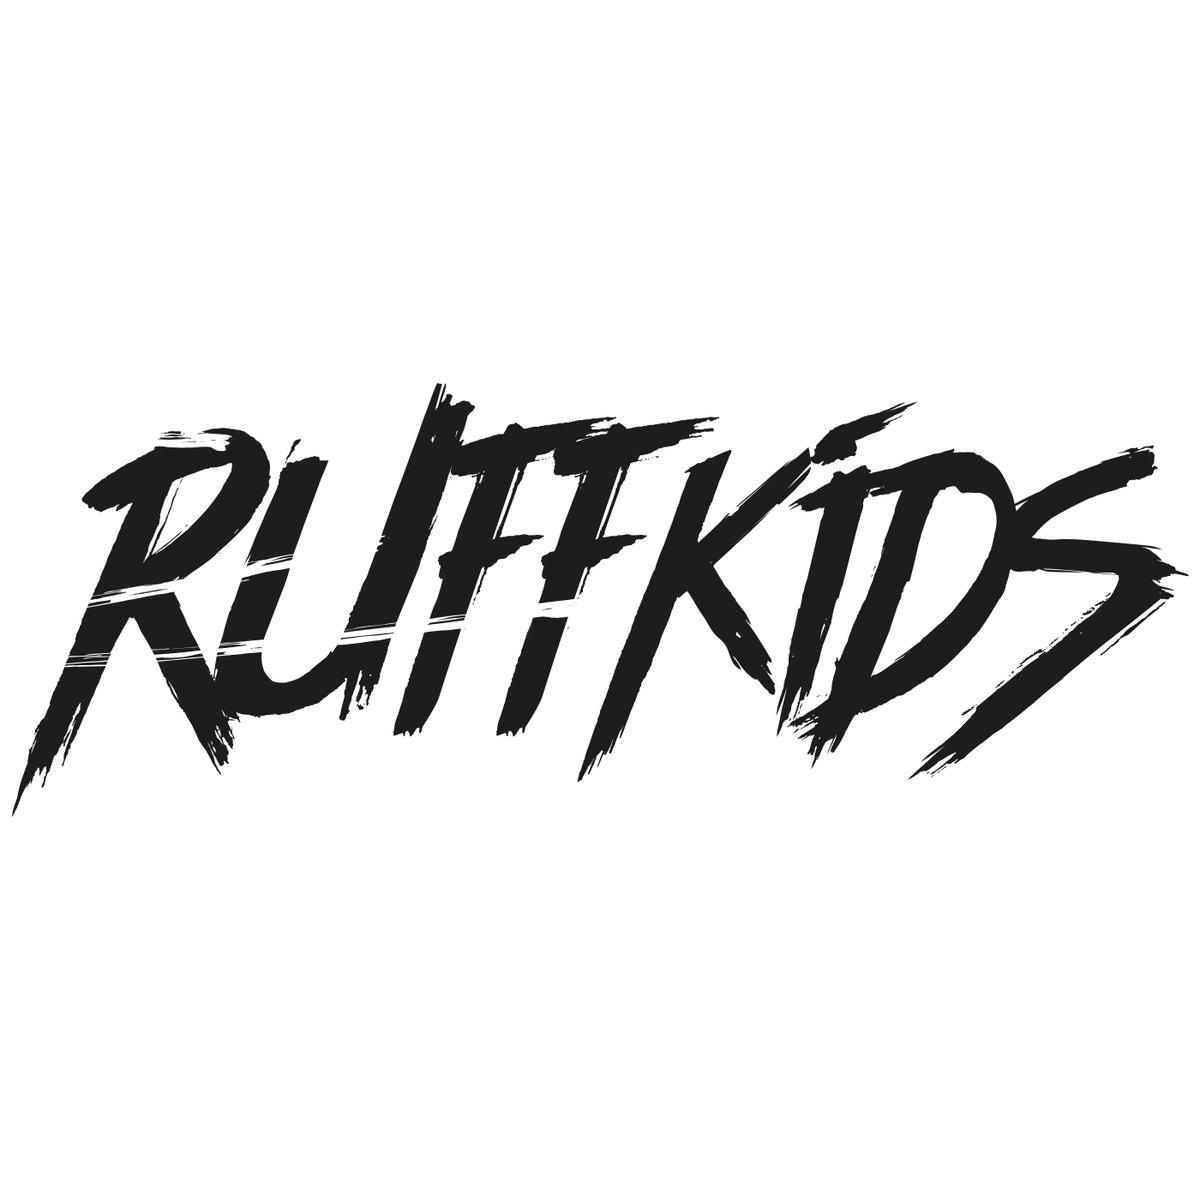 Upcoming: Ruffkids - Keine Zeit